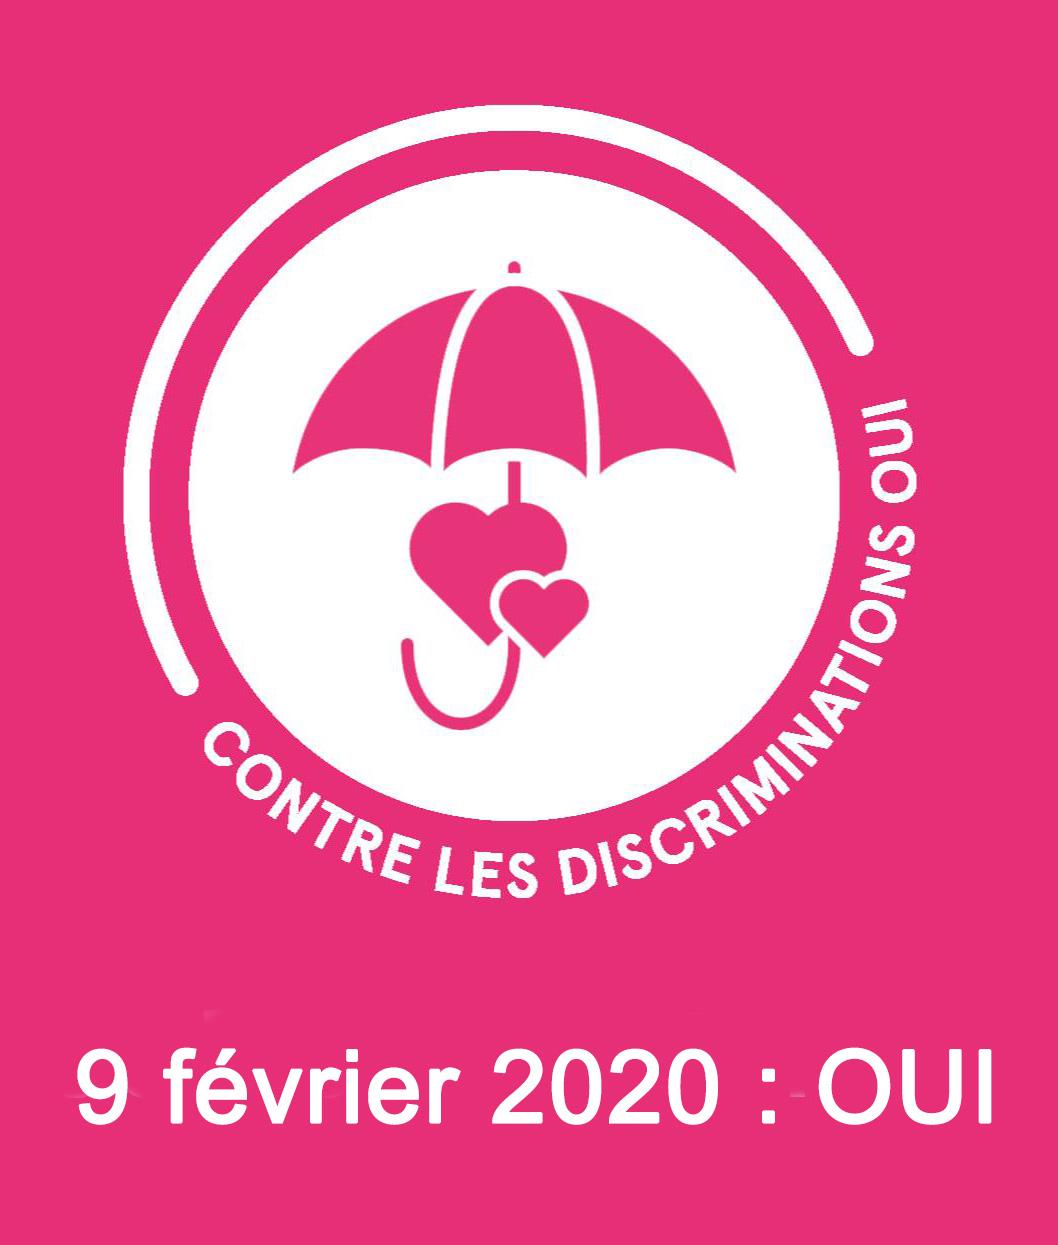 Contre les discriminations homophobes : votons OUI le 9 février 2020 !